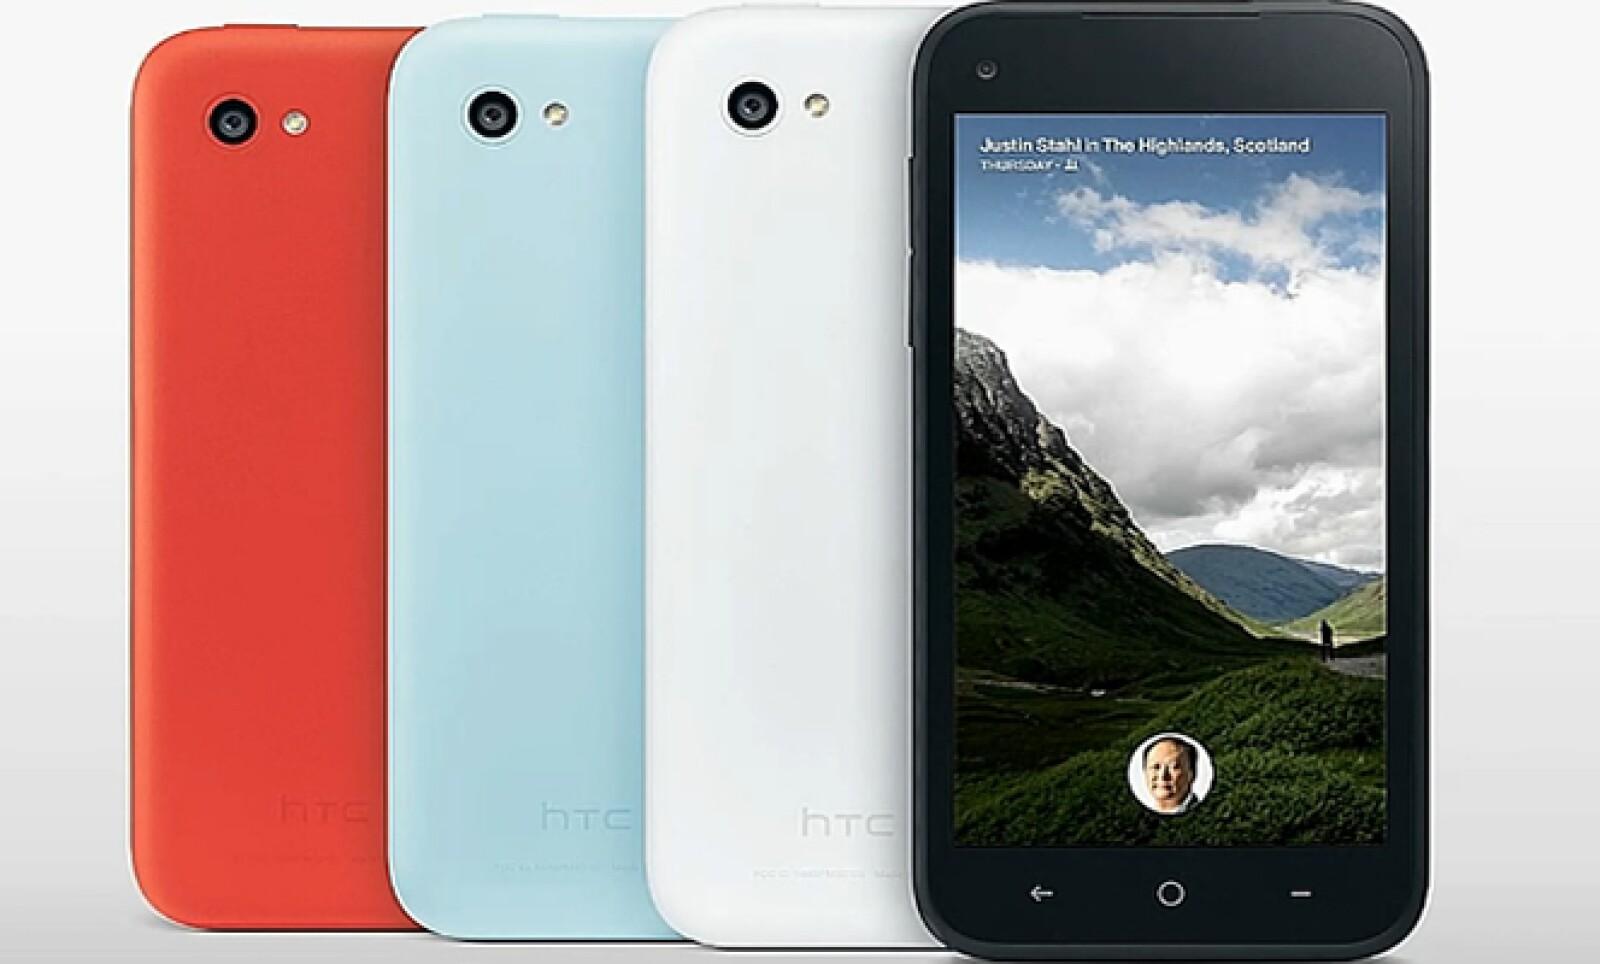 HTC First es el nombre del teléfono que viene con Facebook Home precargado.